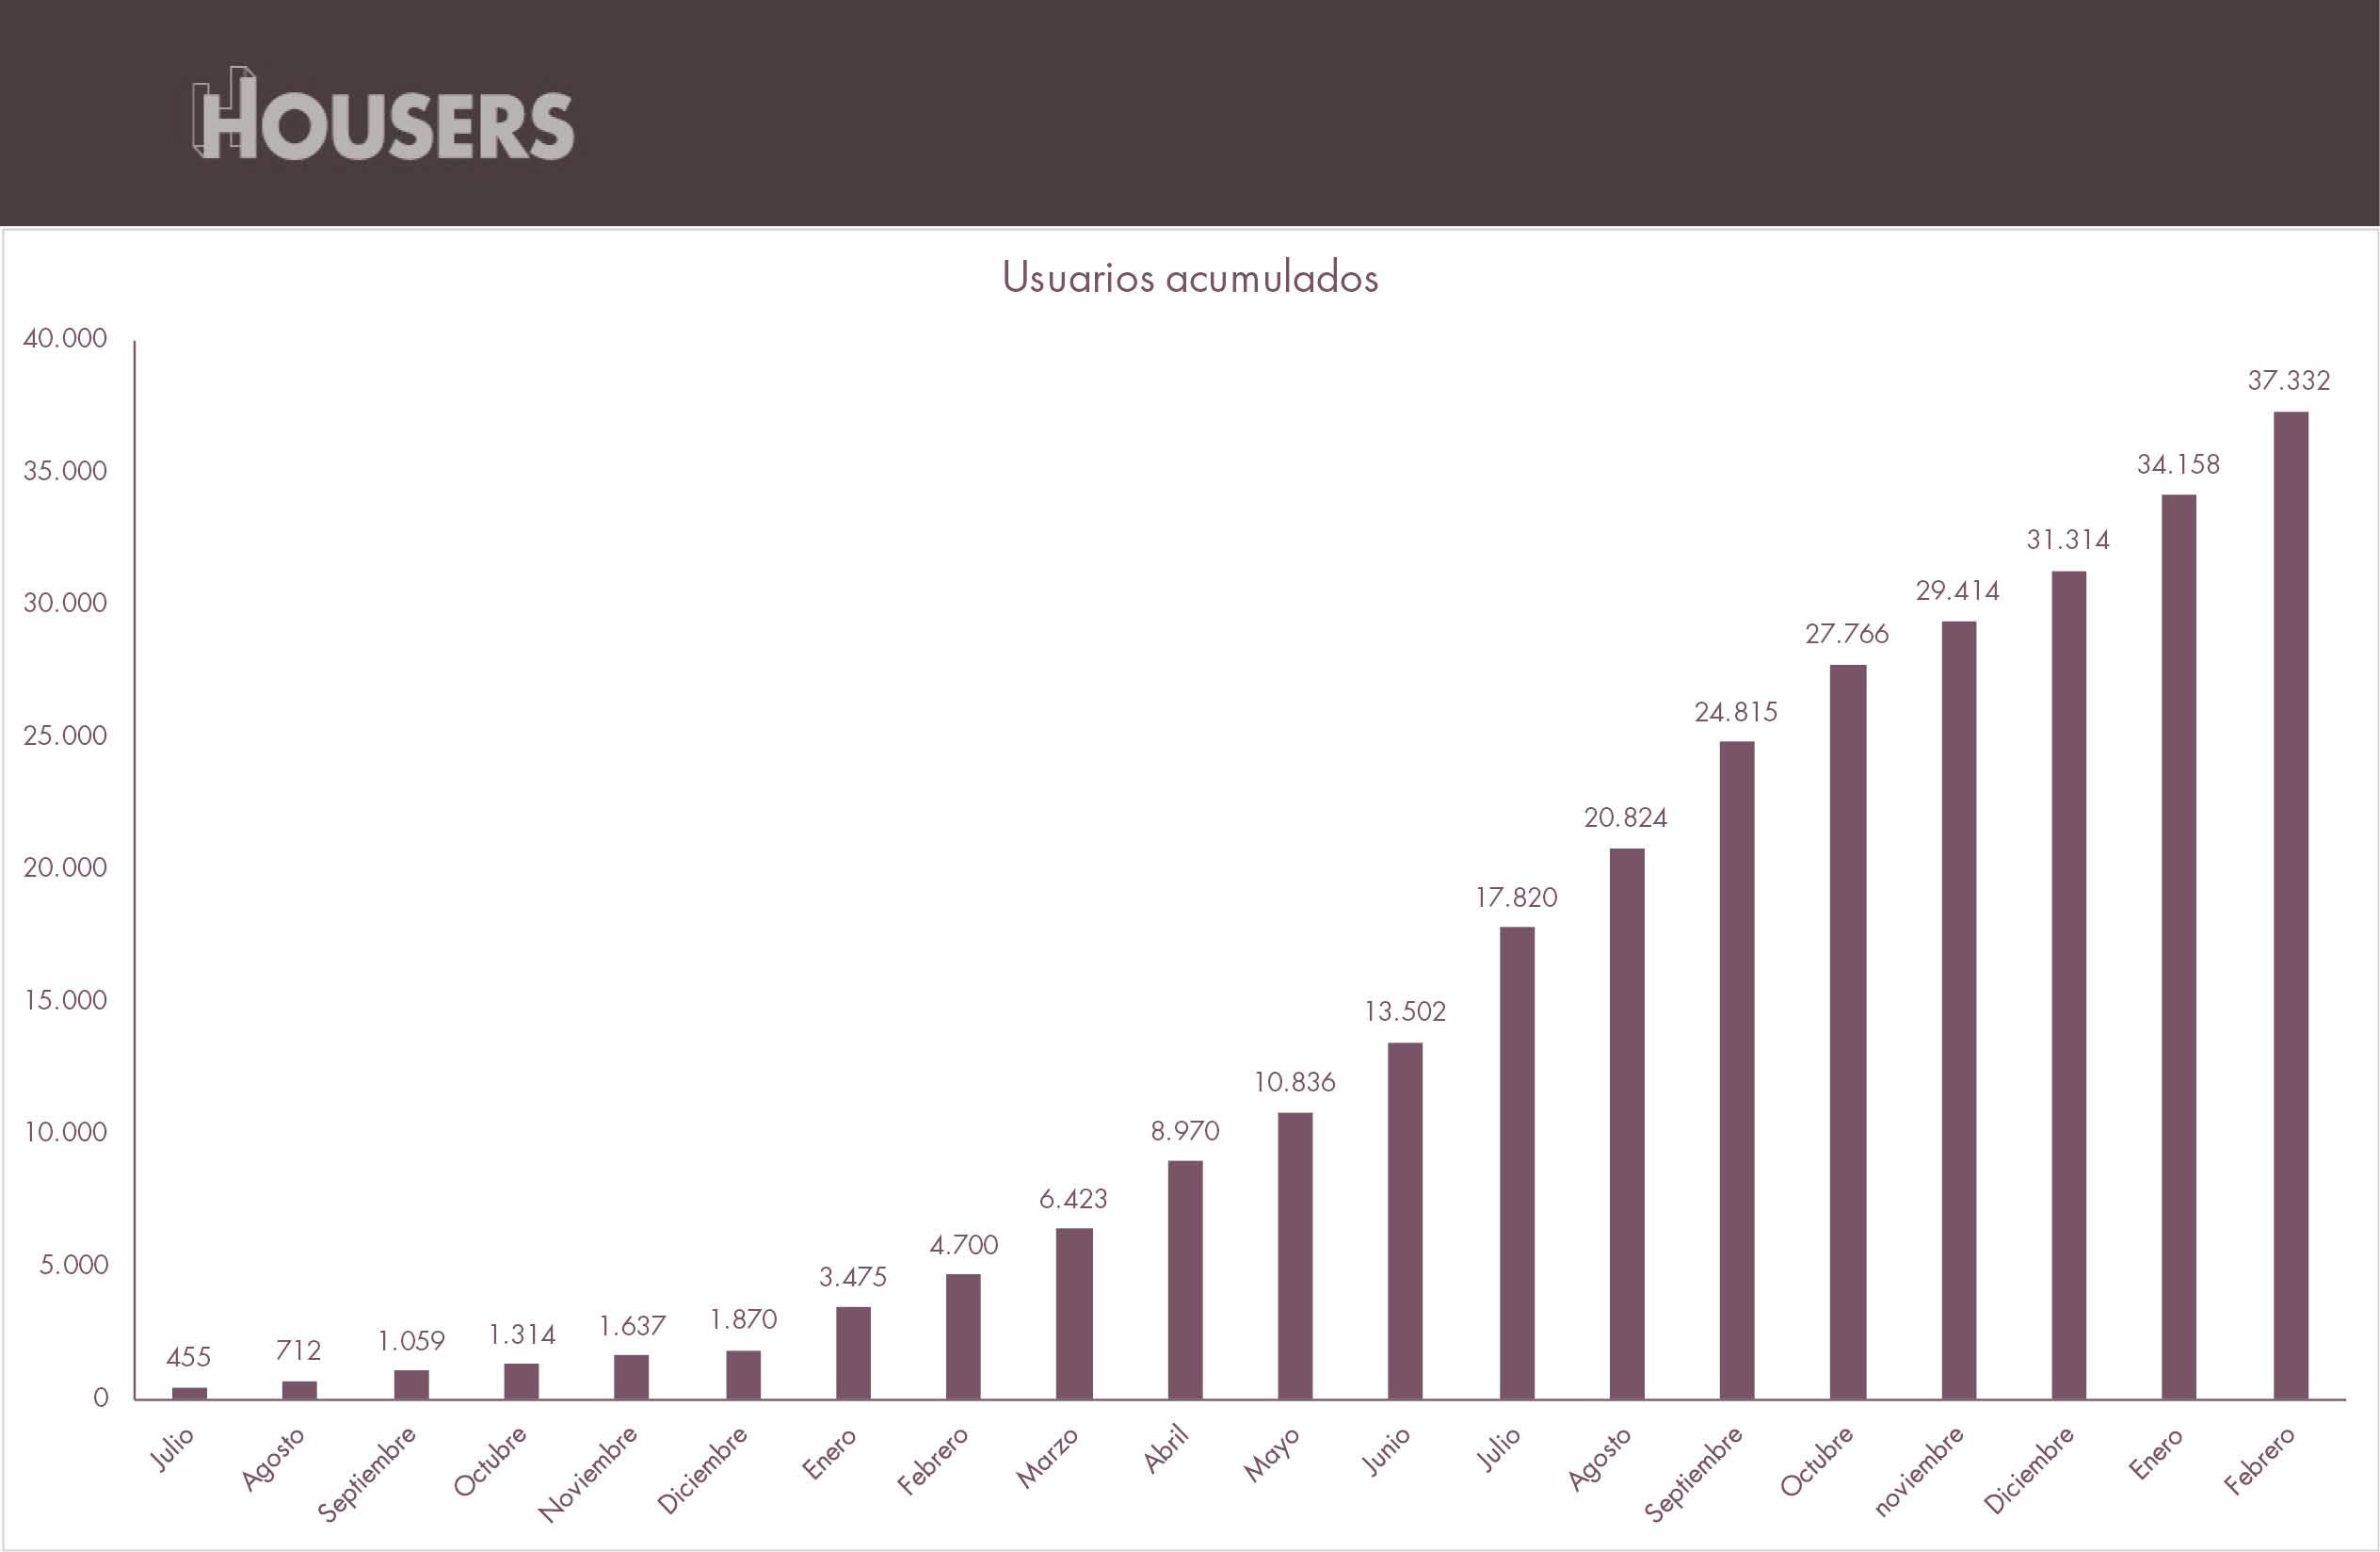 Estadísticas Housers febrero 2017 usuarios acumulados